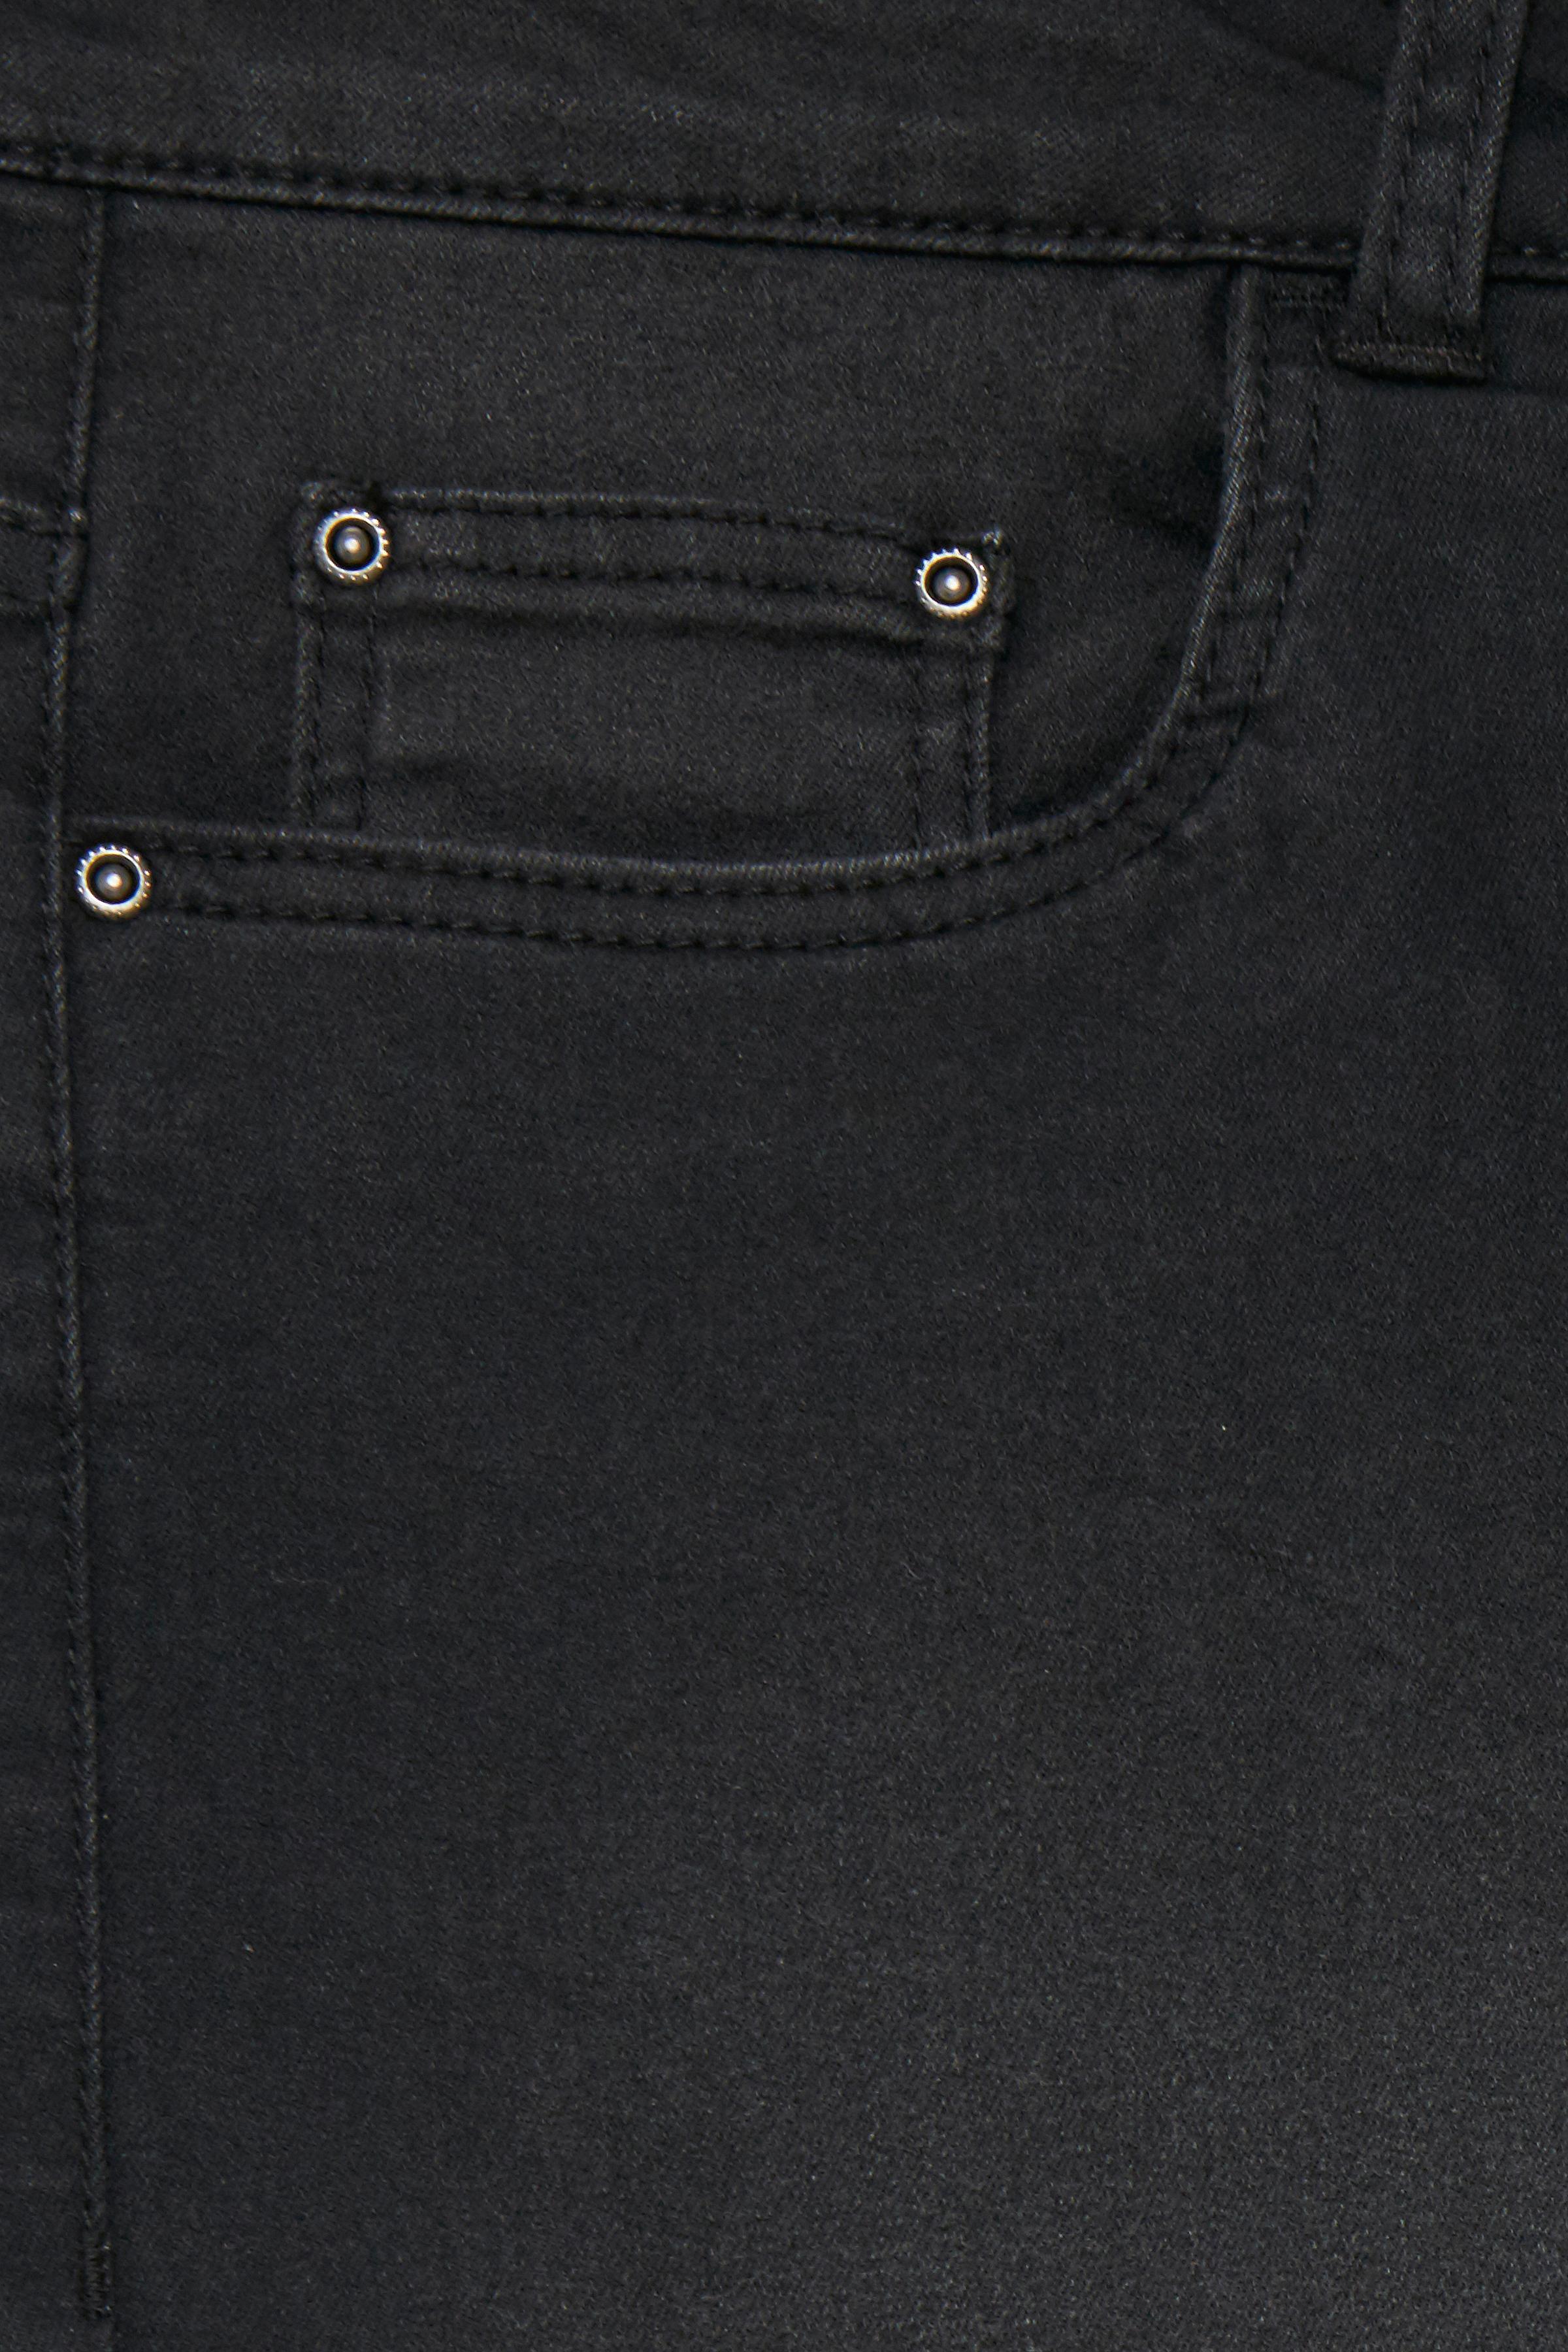 Mörk denimgrå Ankel-denimbyxa från b.young – Köp Mörk denimgrå Ankel-denimbyxa från stl. 25-36 här